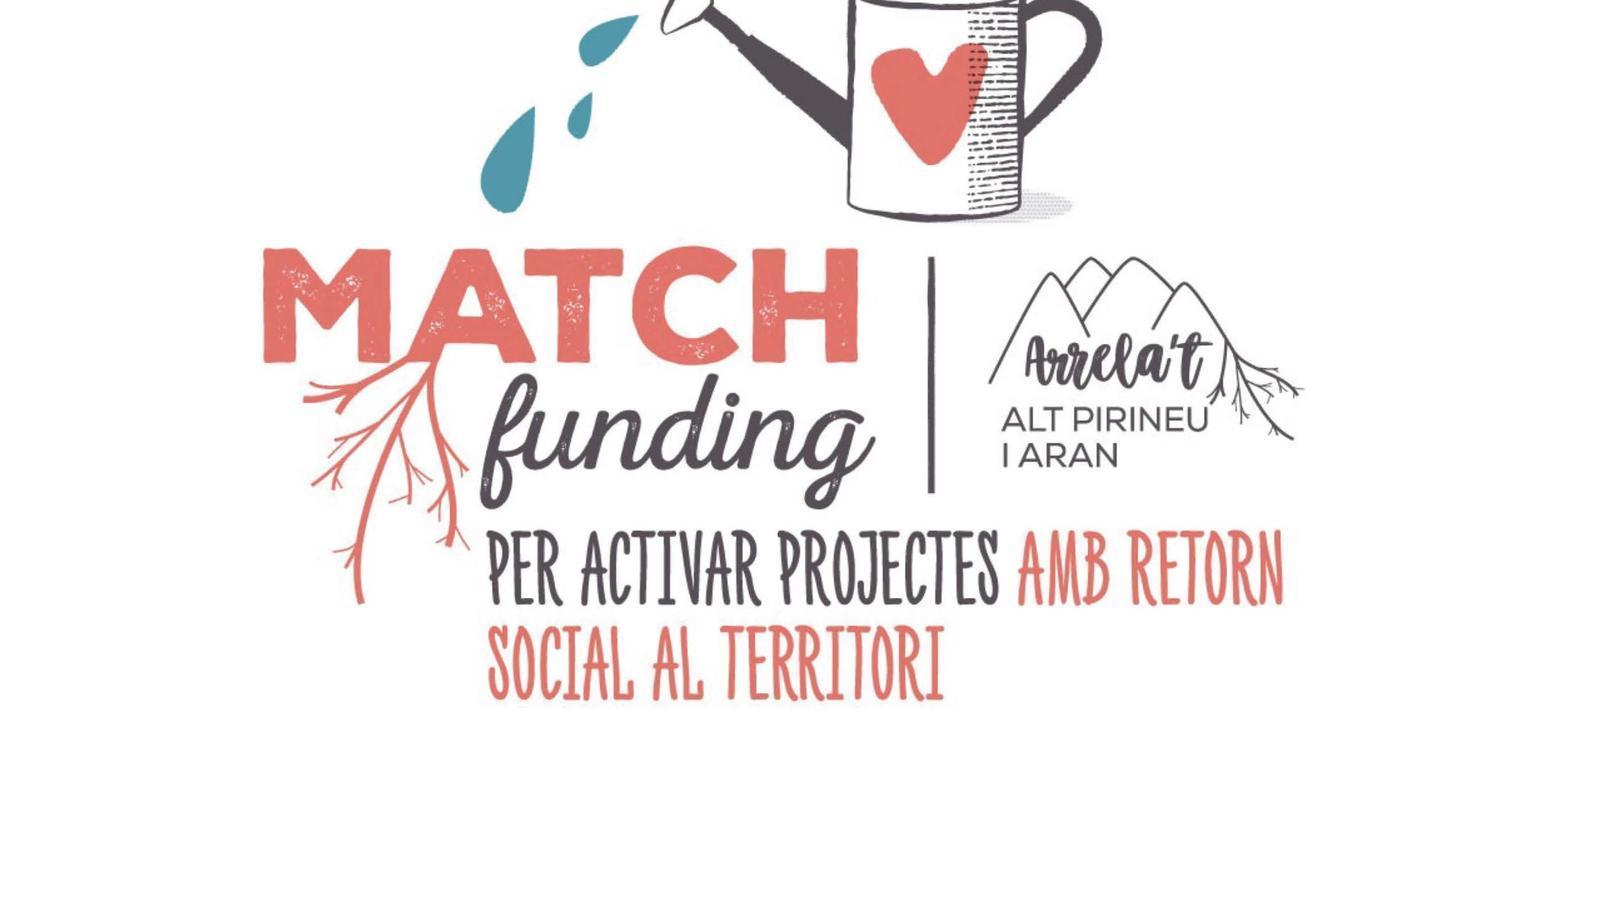 Comença la campanya de micromecenatge per fomentar l'arrelament a l'Alt Pirineu i Aran